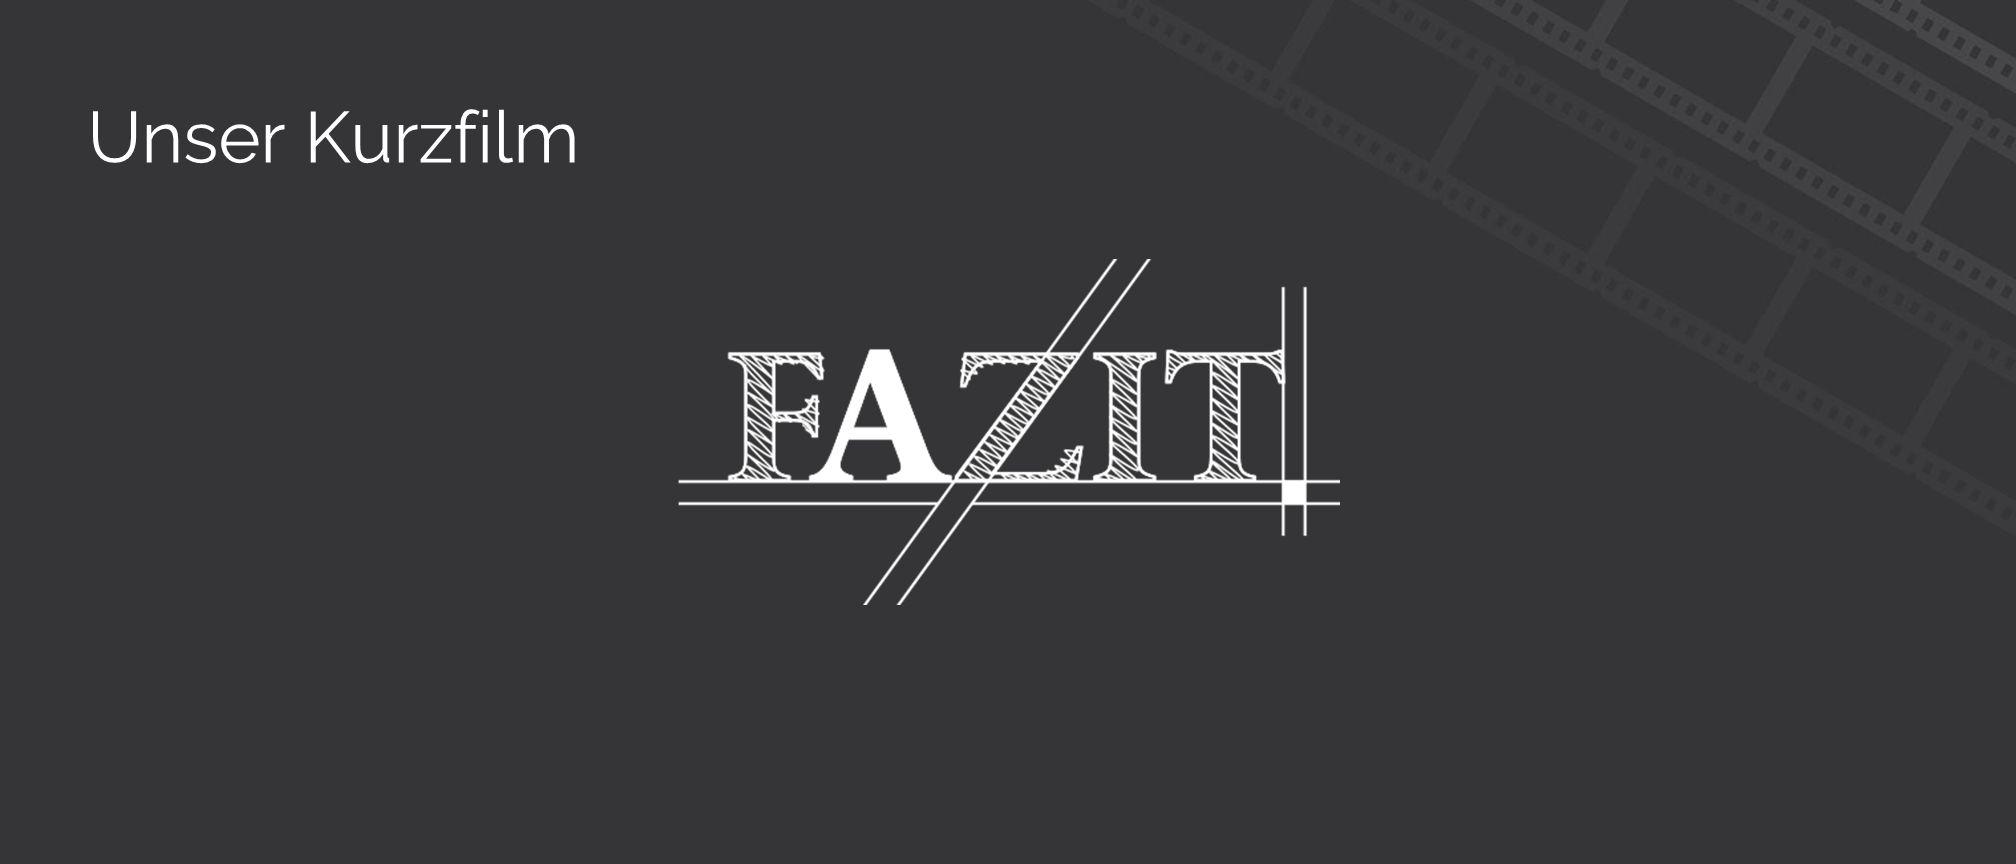 Unser Kurzfilm